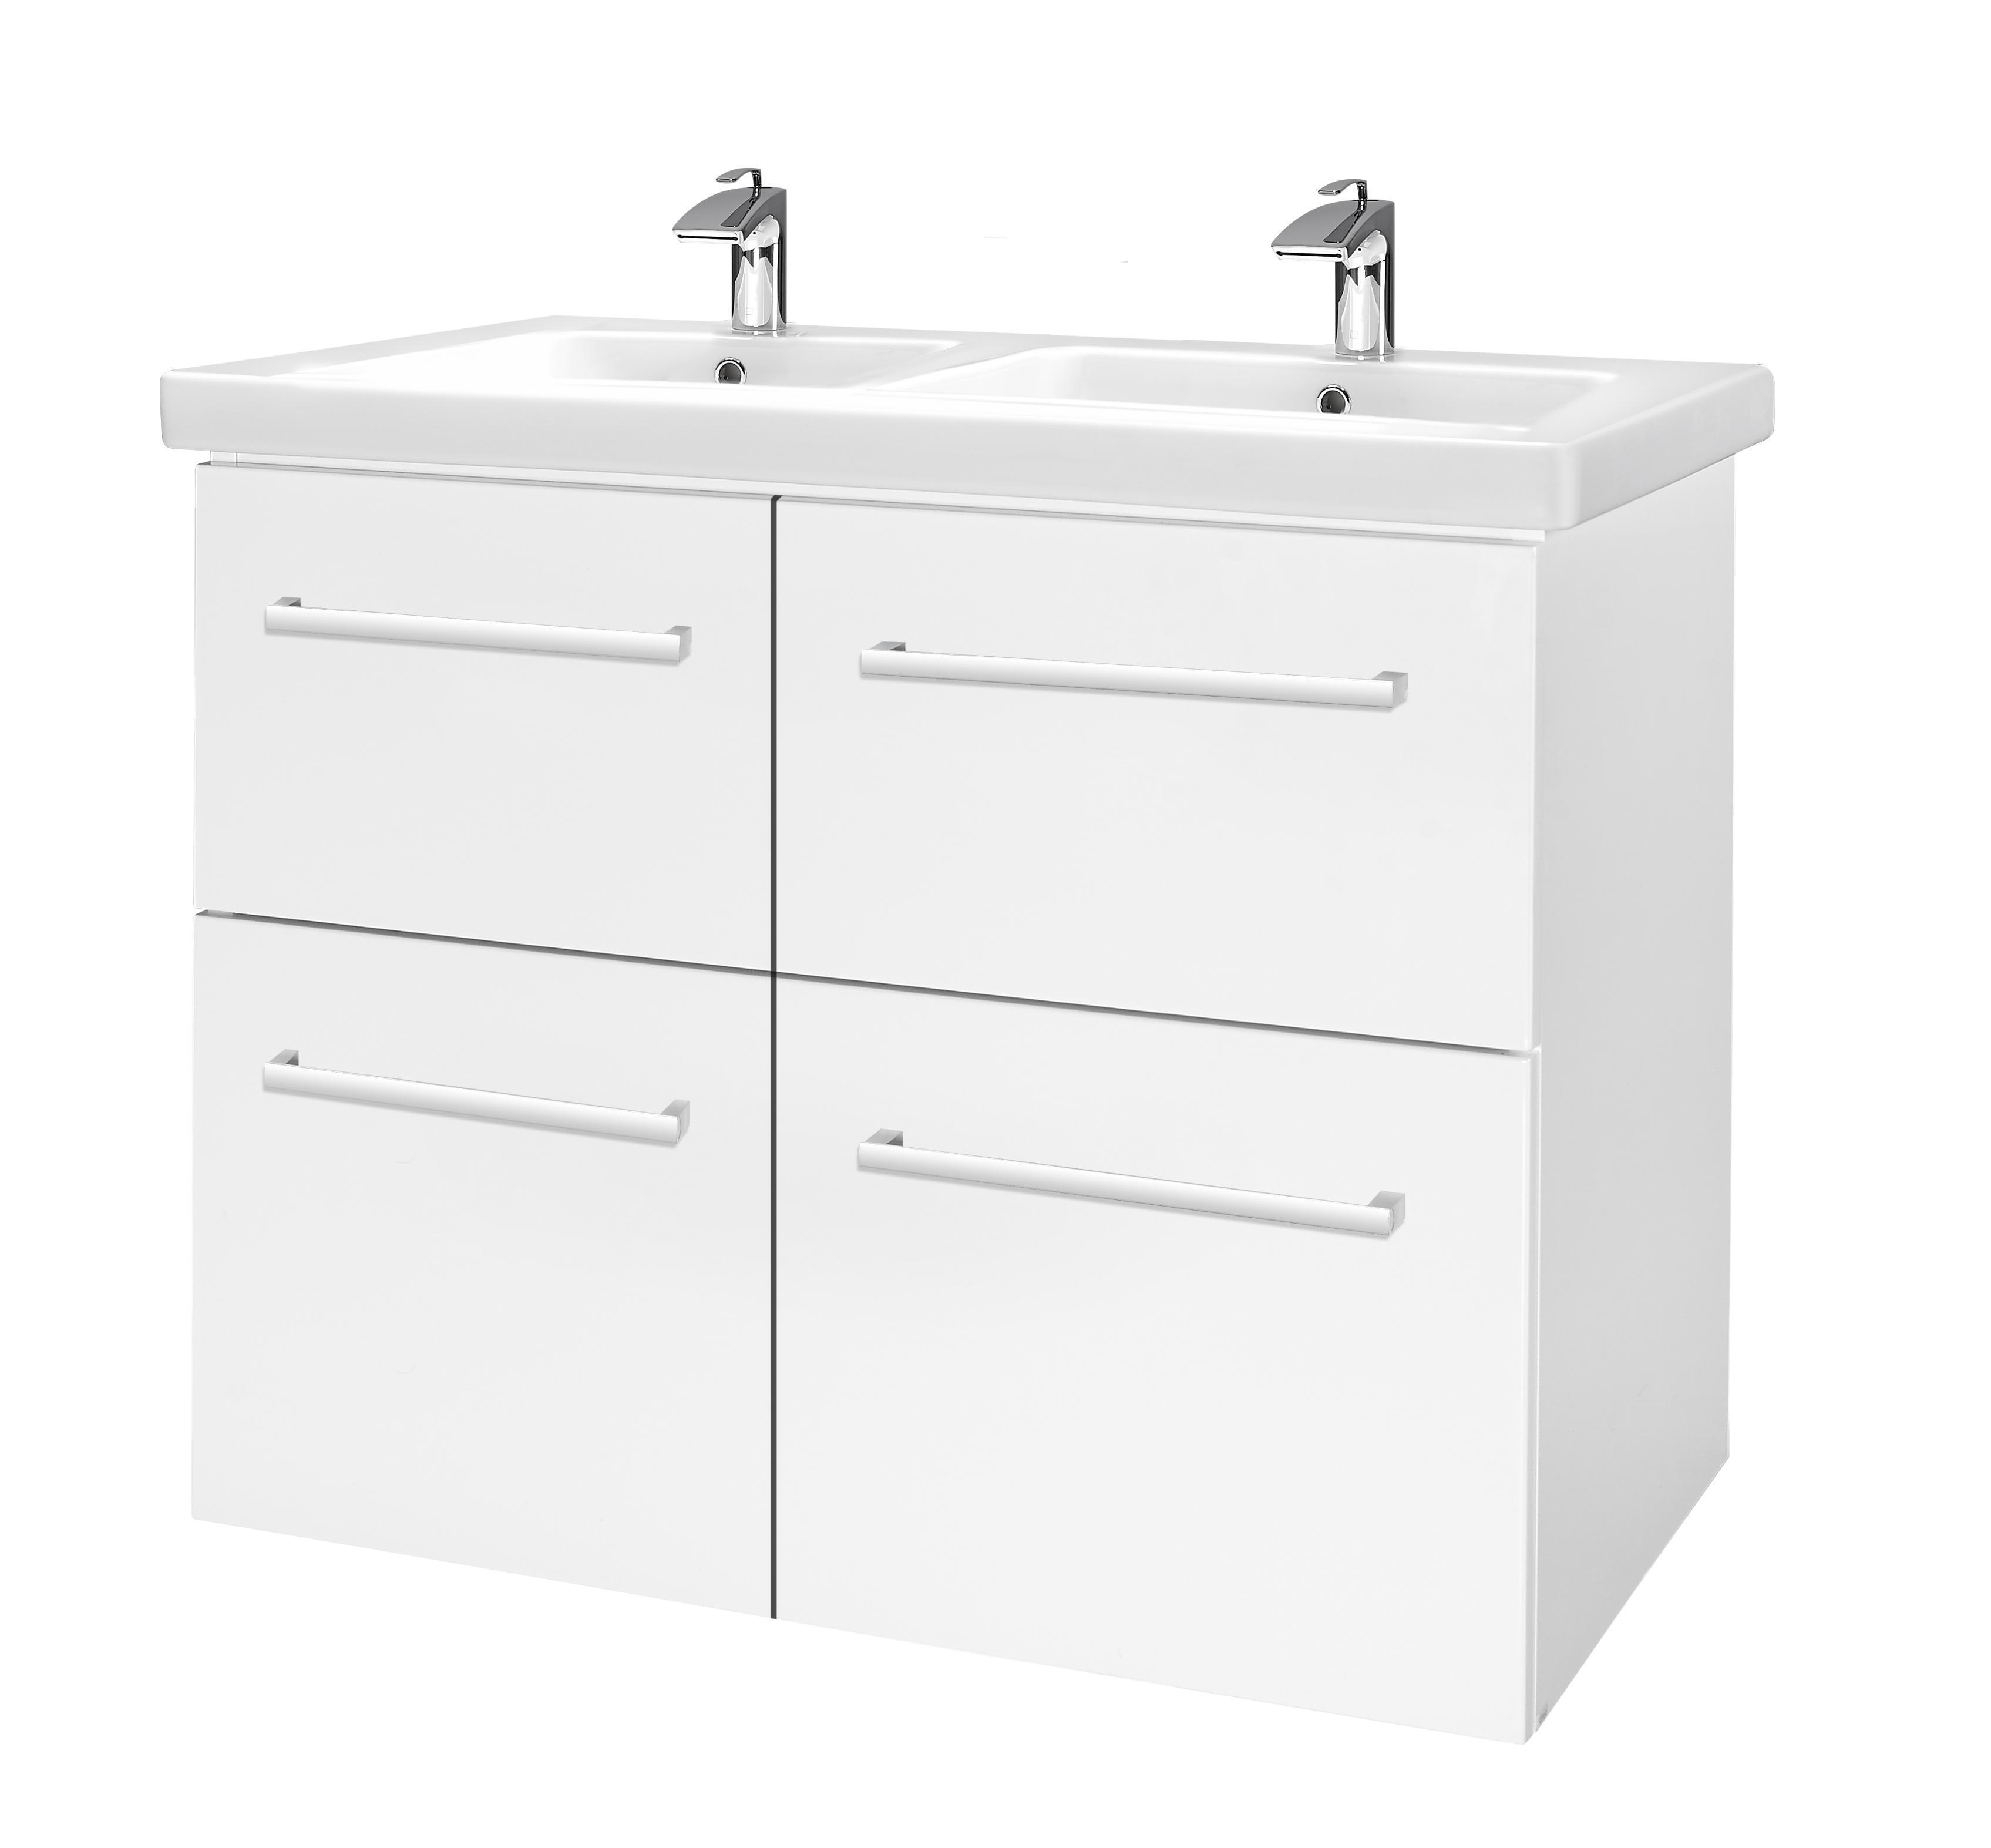 Тумба под раковину DrejaМебель для ванной комнаты<br>Тип: тумба,<br>Тип установки мебели для ванной: под раковину,<br>Материал изготовления мебели для ванной: дсп,<br>Цвет мебели для ванной: белый,<br>С ящиками: есть<br>